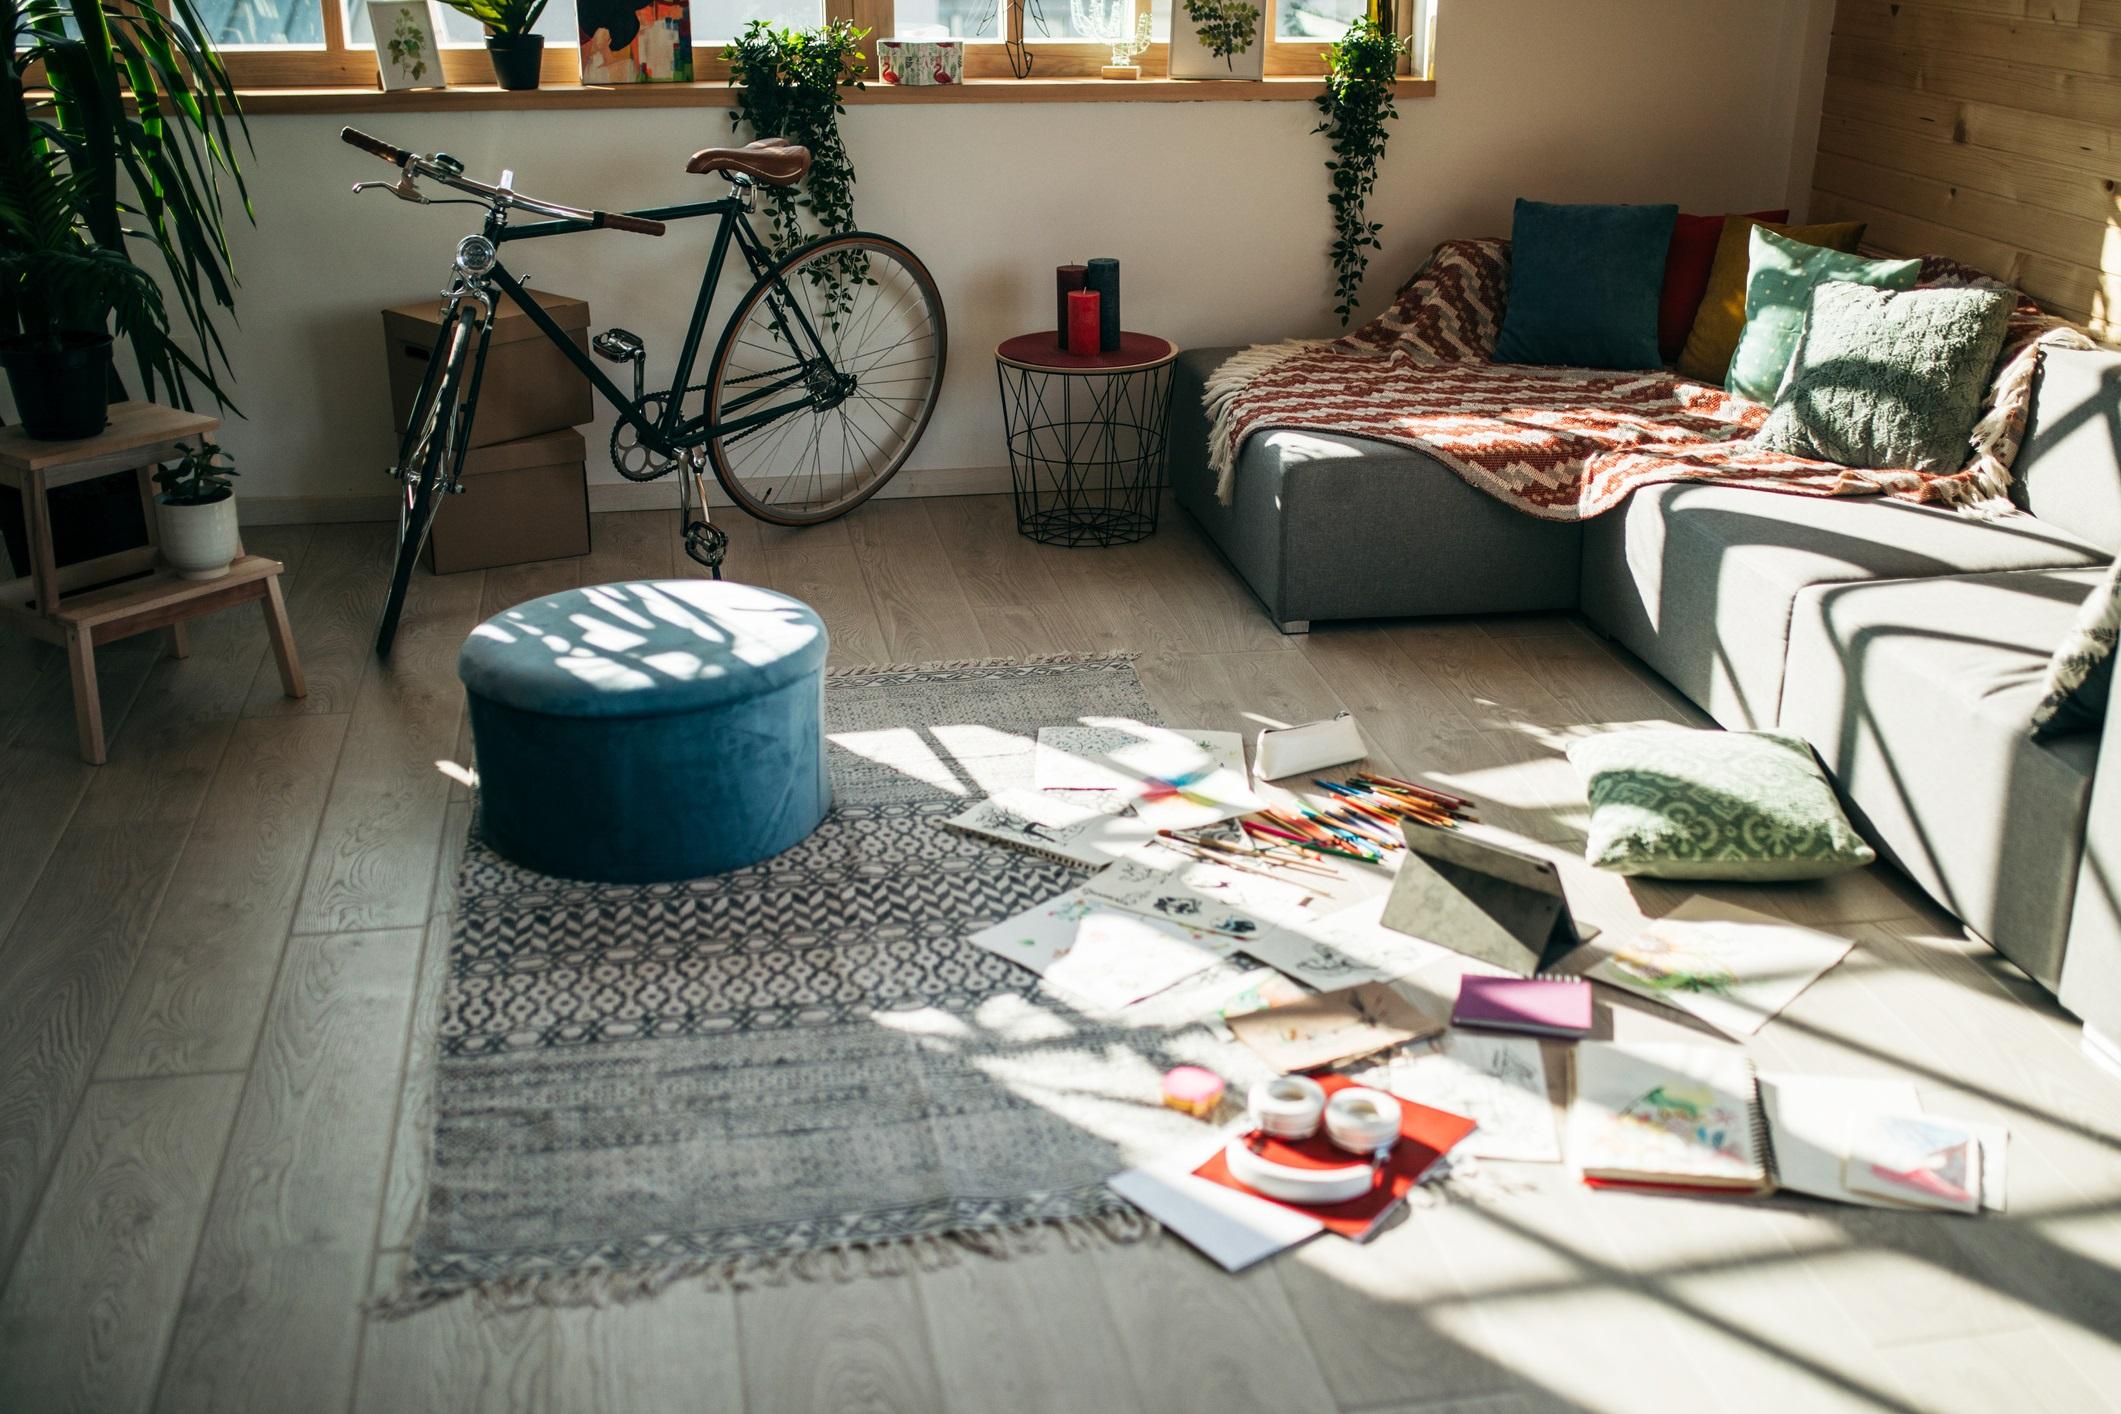 <p><strong>Позволявате си да не подреждате вещите си</strong></p>  <p>Когато прекарвате в дома си само няколко будни часа на ден, скупчените вещи разпръснати наоколо може да не са голяма работа. Но сега, когато домът ви е едновременно офис, фитнес зала, място за хранене и т.н., тази бъркотия може да има негативни ефекти върху психическото ви здраве.</p>